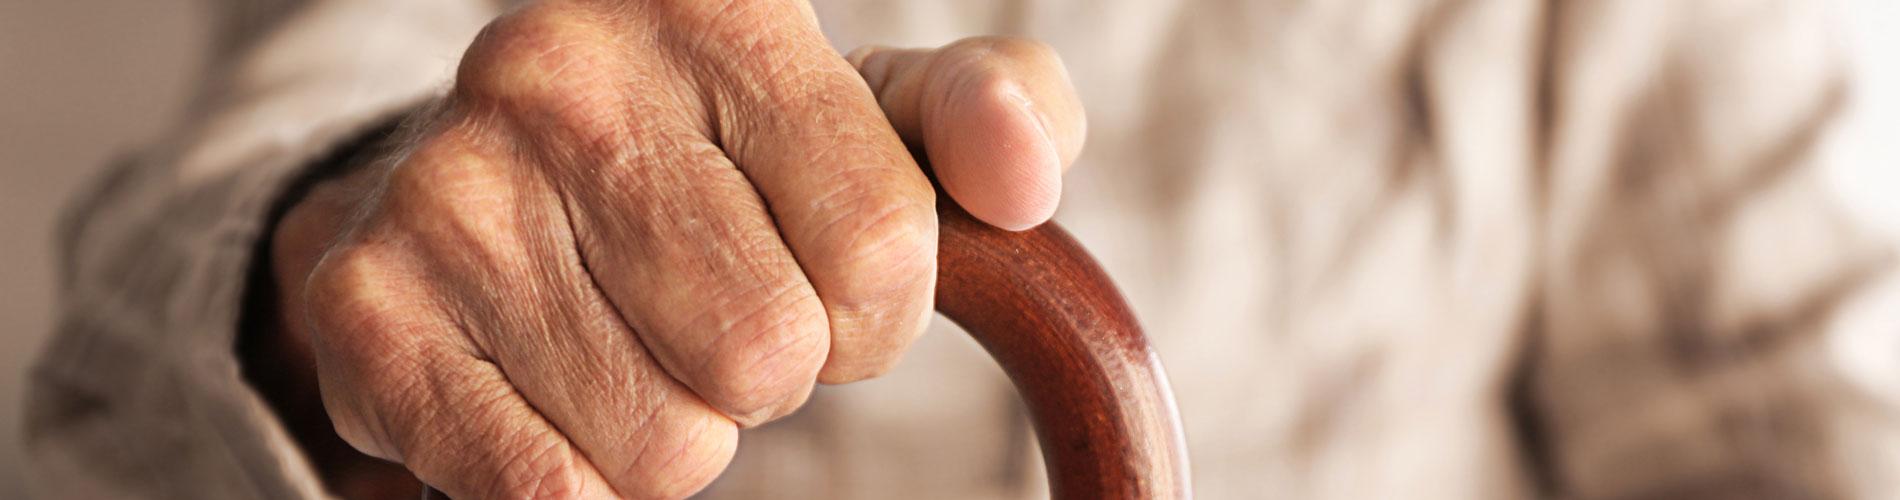 Servizi Centro Assistenza Fiscale - Pensione superstiti